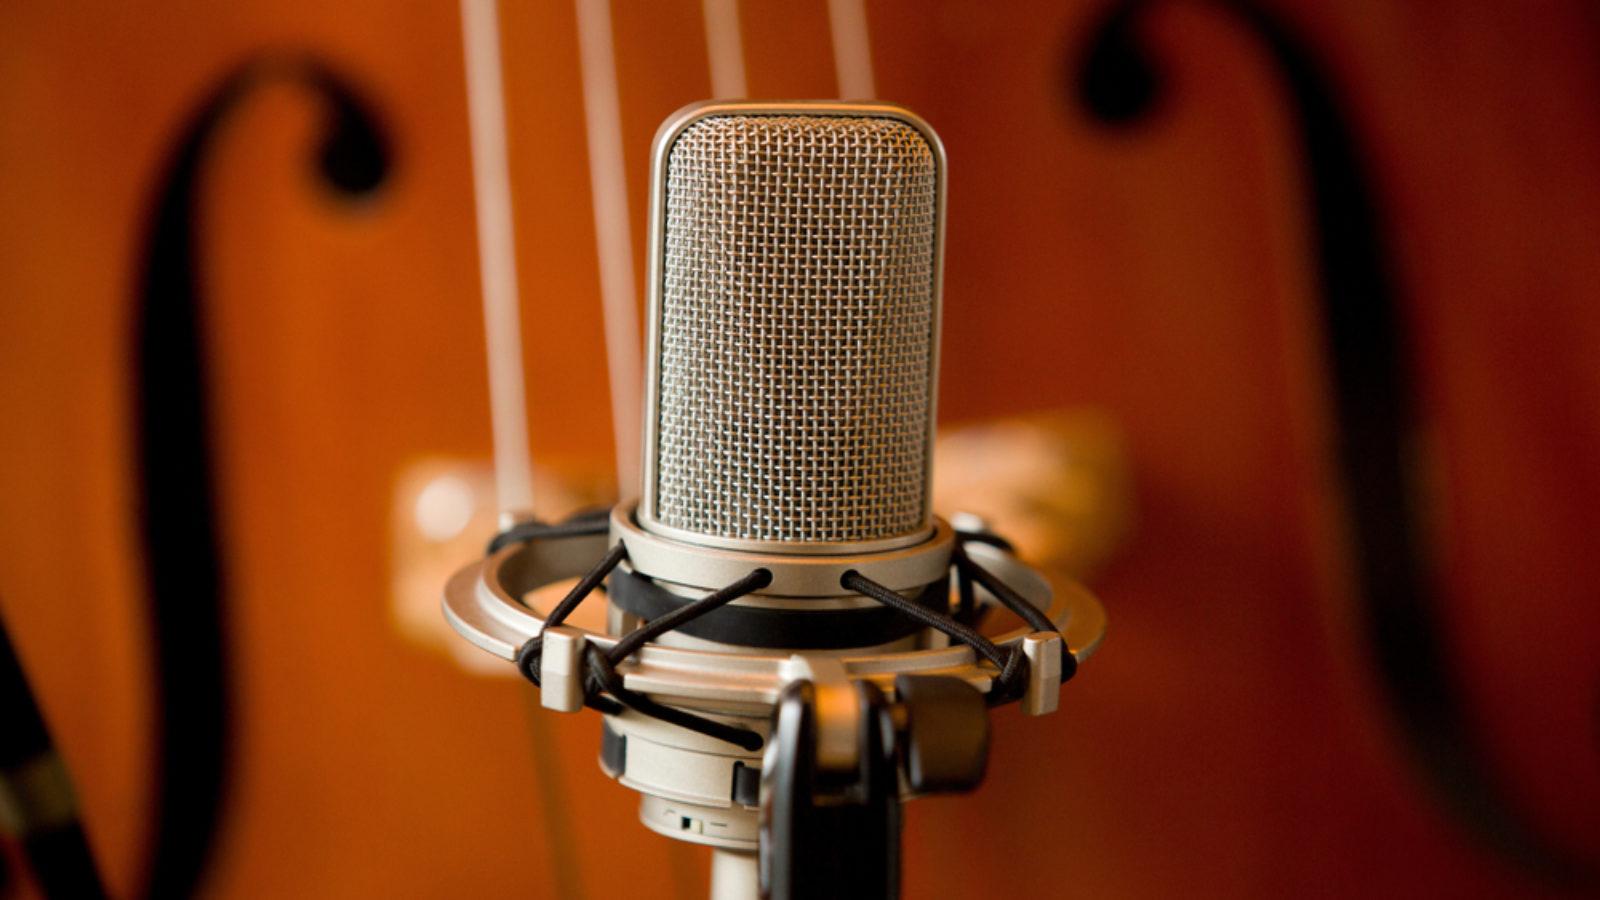 【音楽教室】レッスンは録音しよう!メリットがこんなにたくさんある